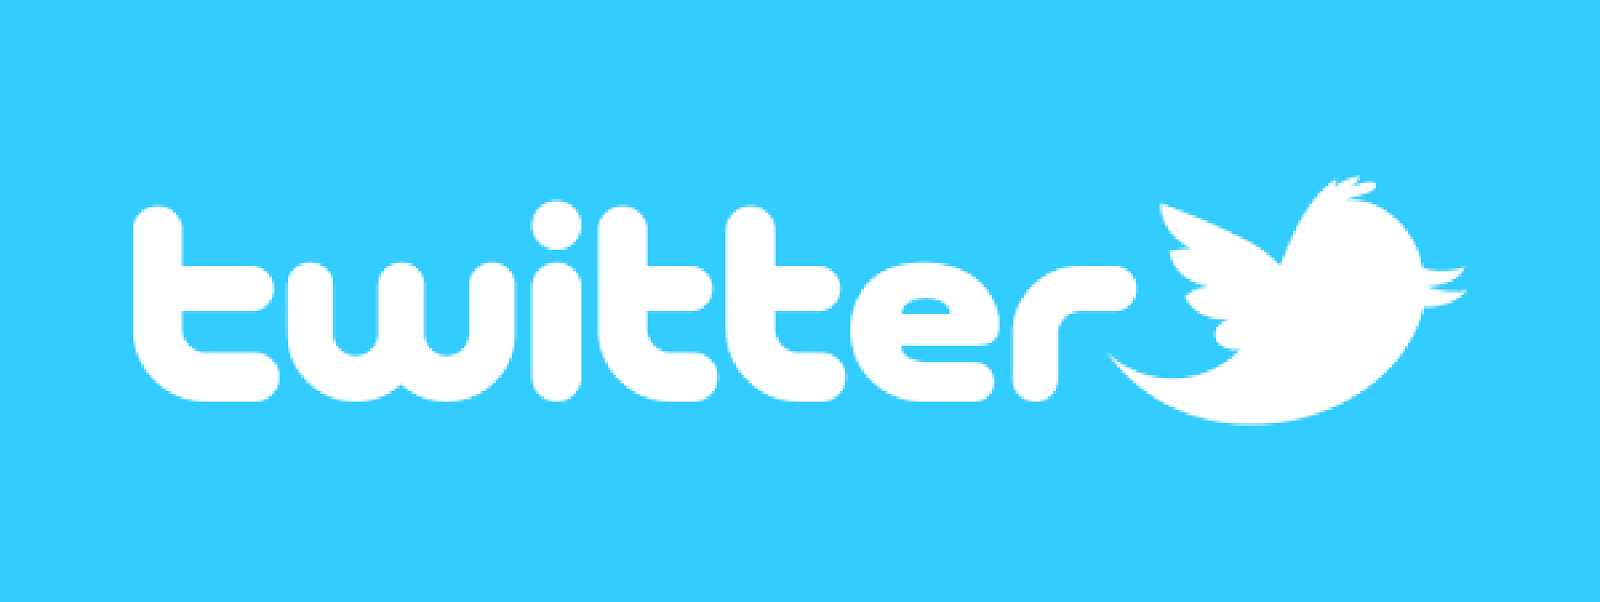 Winst met beleggen Twitter